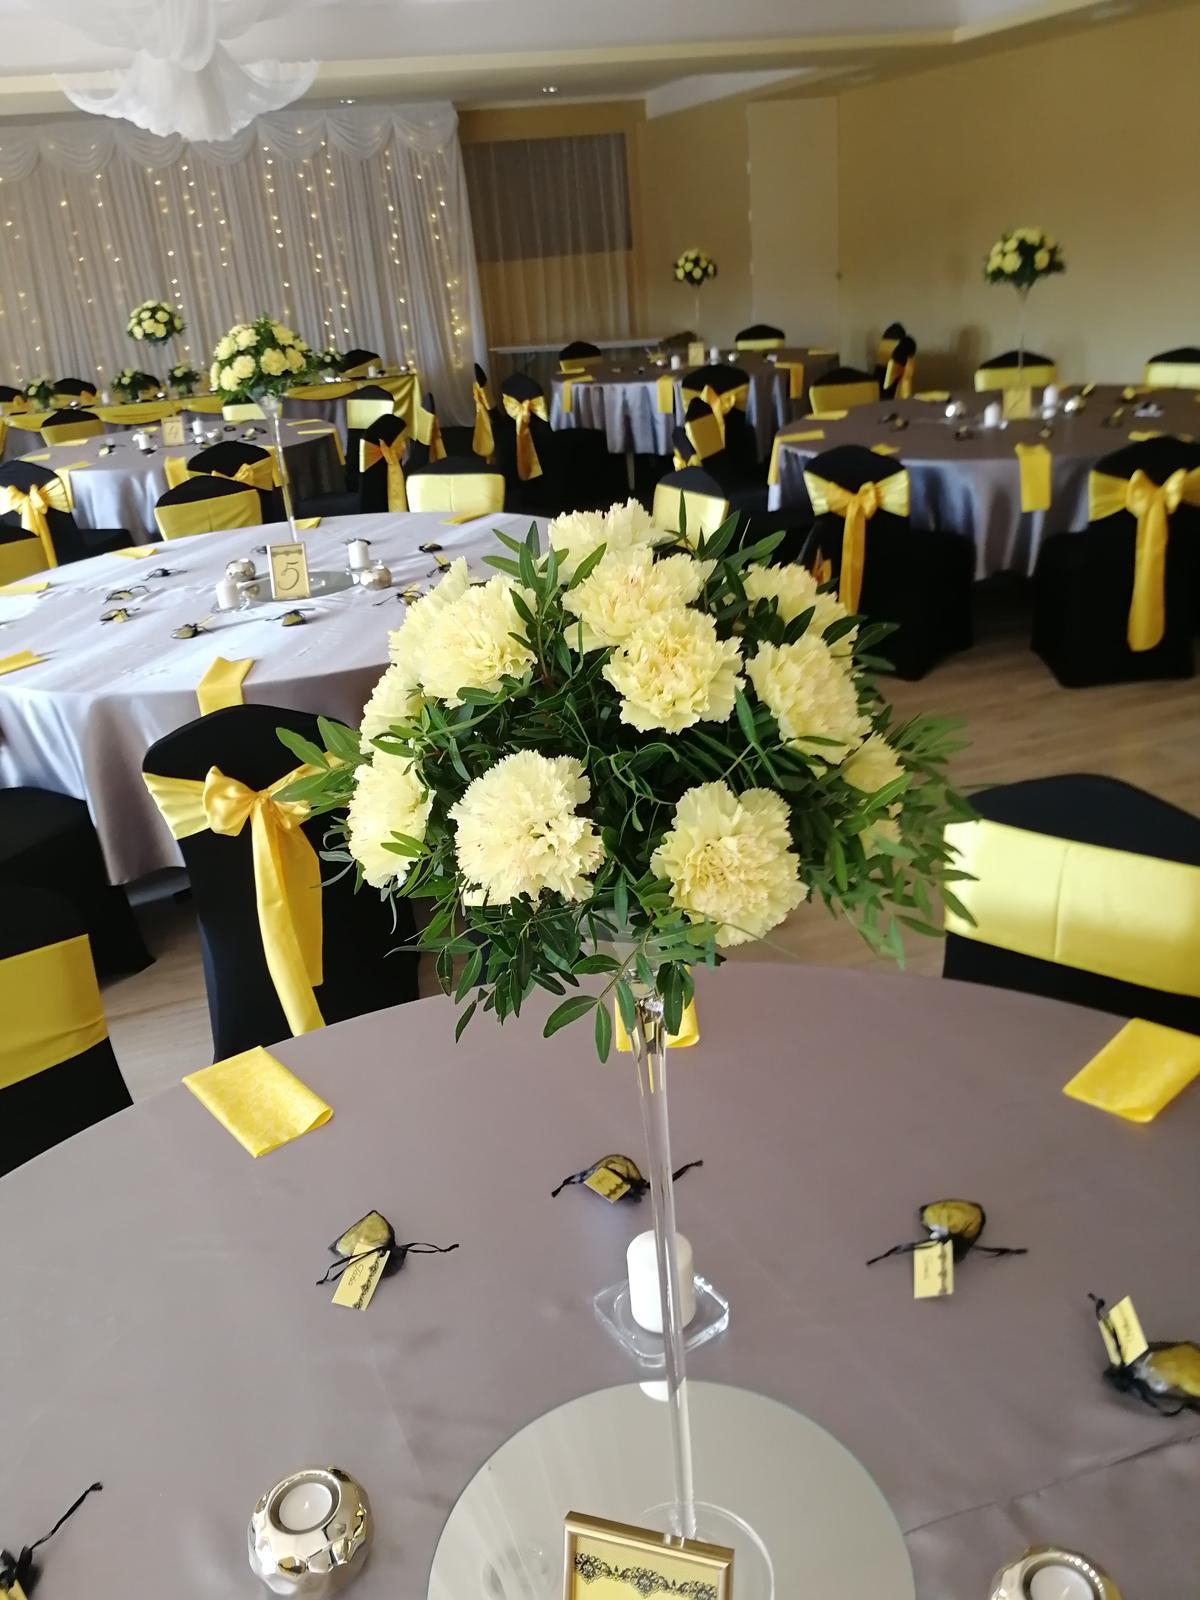 Svadba 14.9.2018 čierno-žlto-sivá kombinácia - Obrázok č. 18